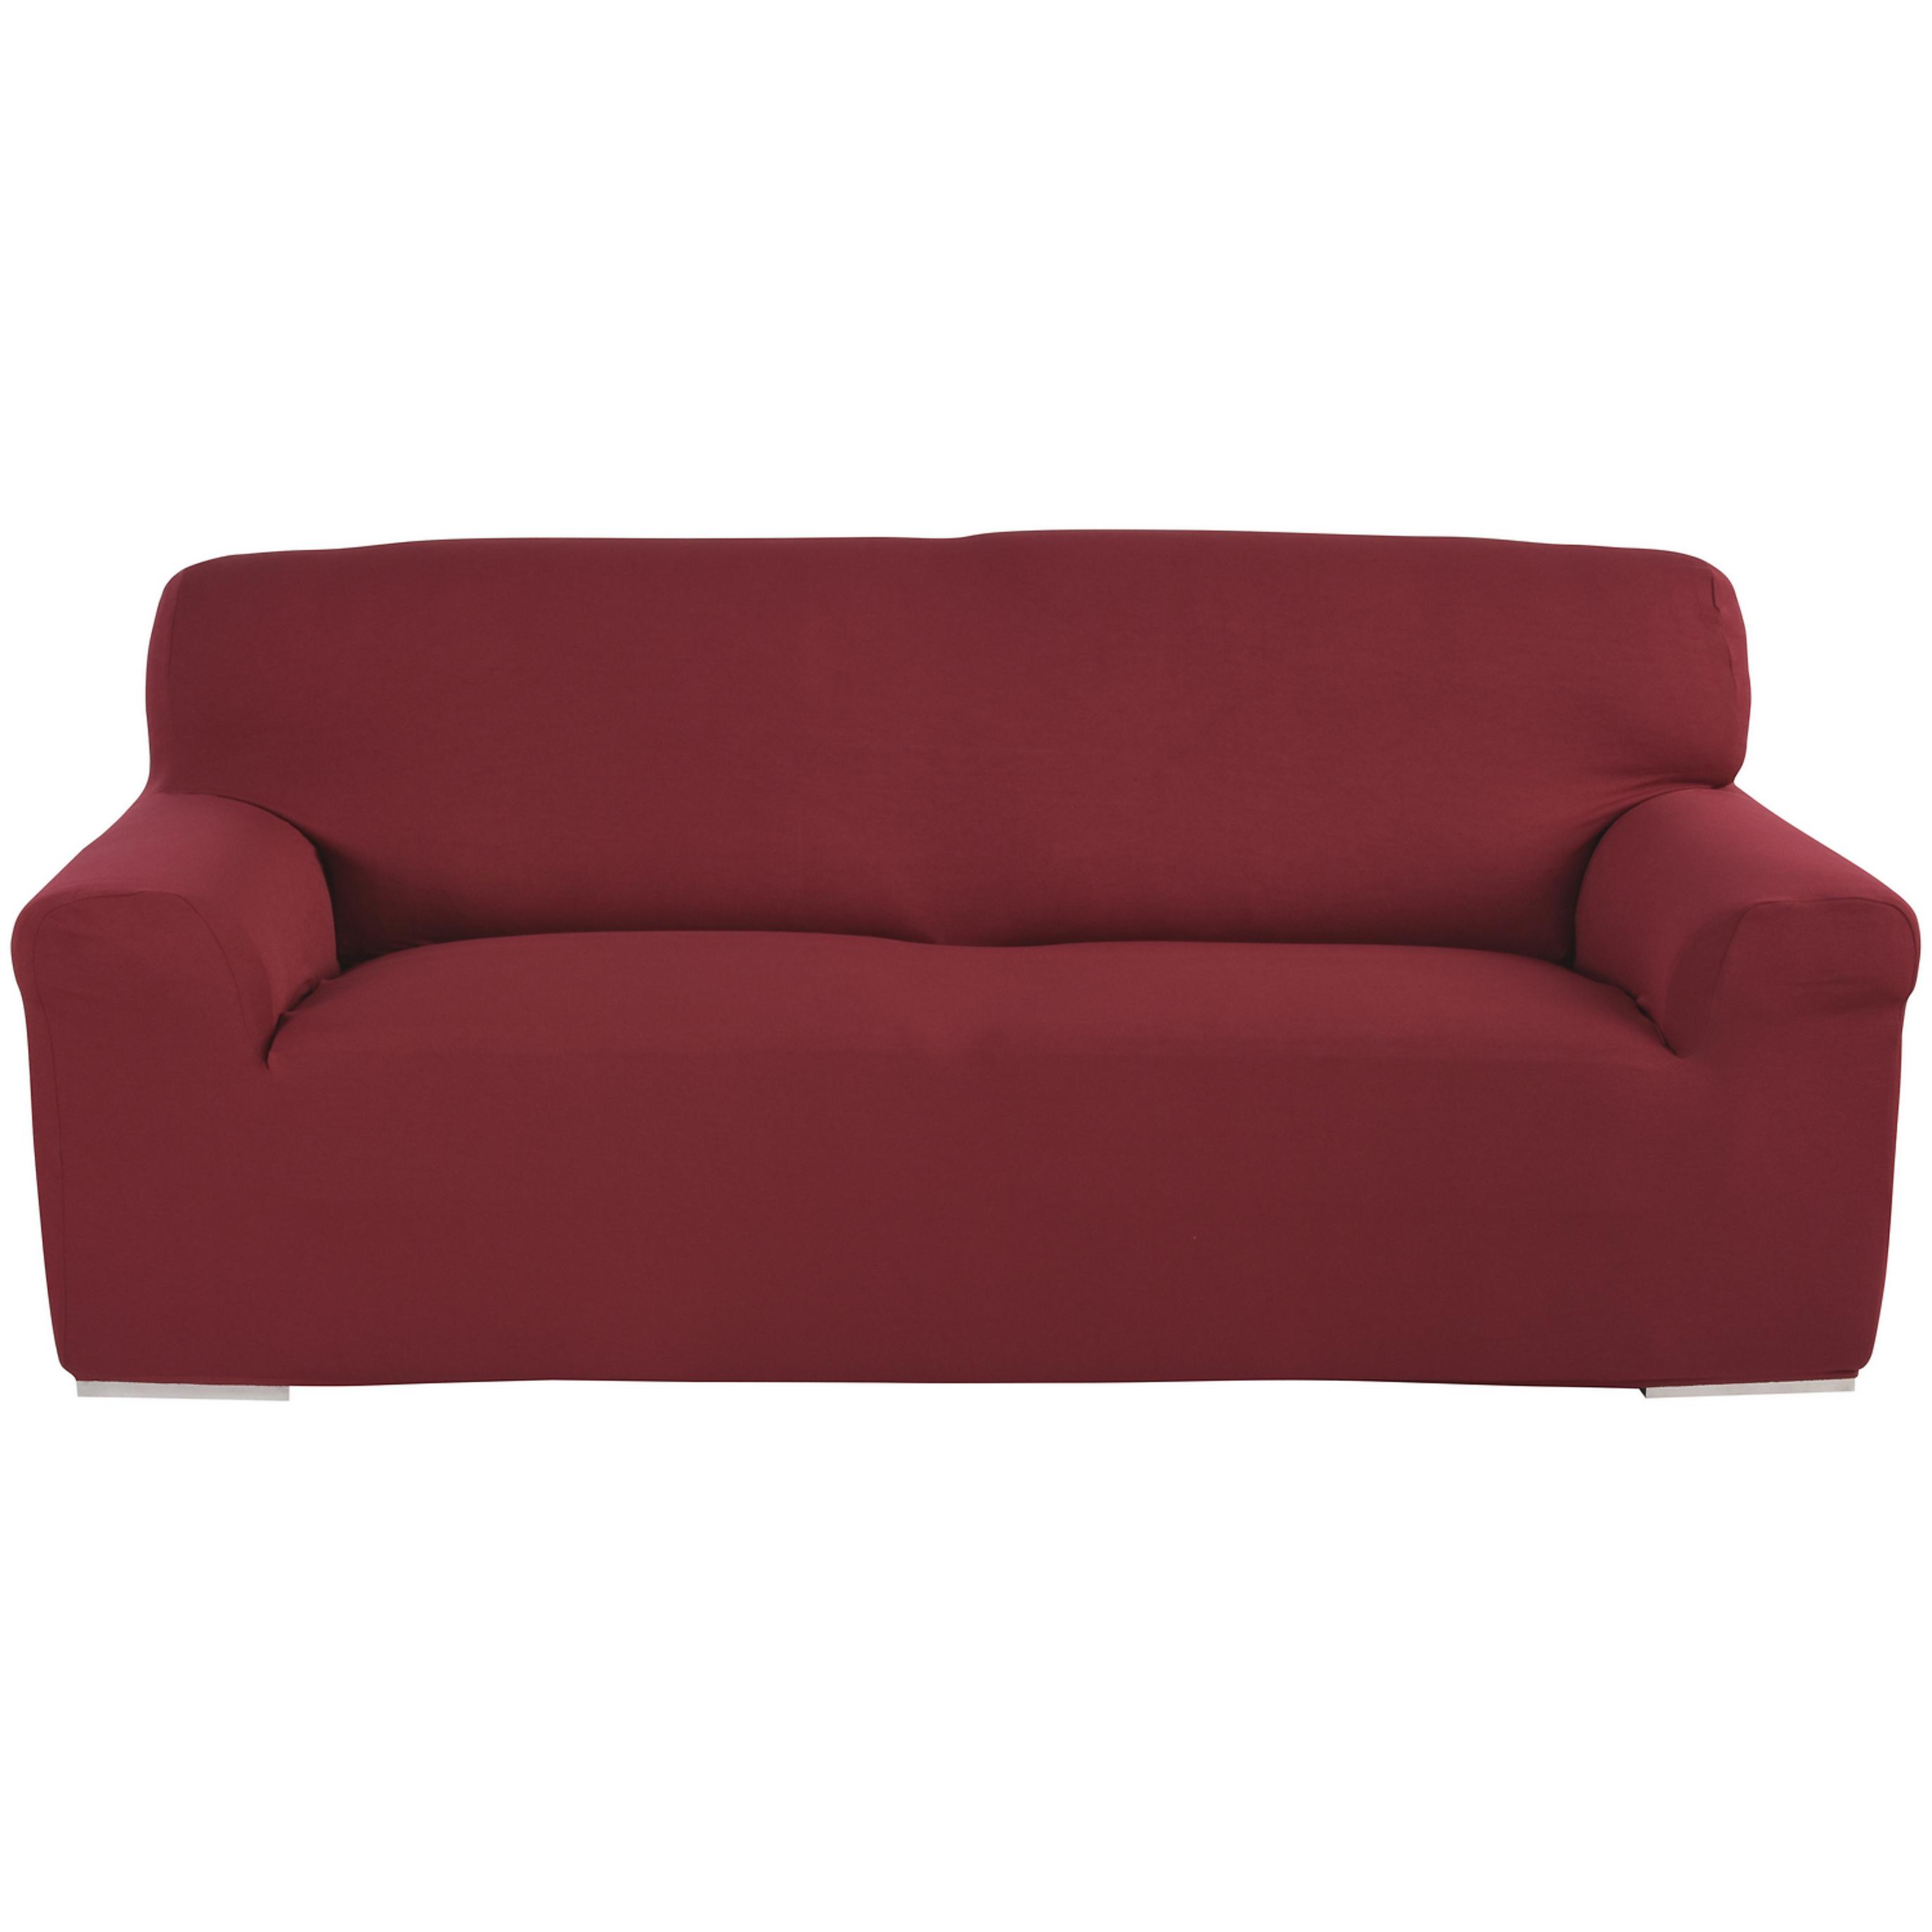 e467c19e4a6 Funda sofá 3 cuerpos - Sodimac.com